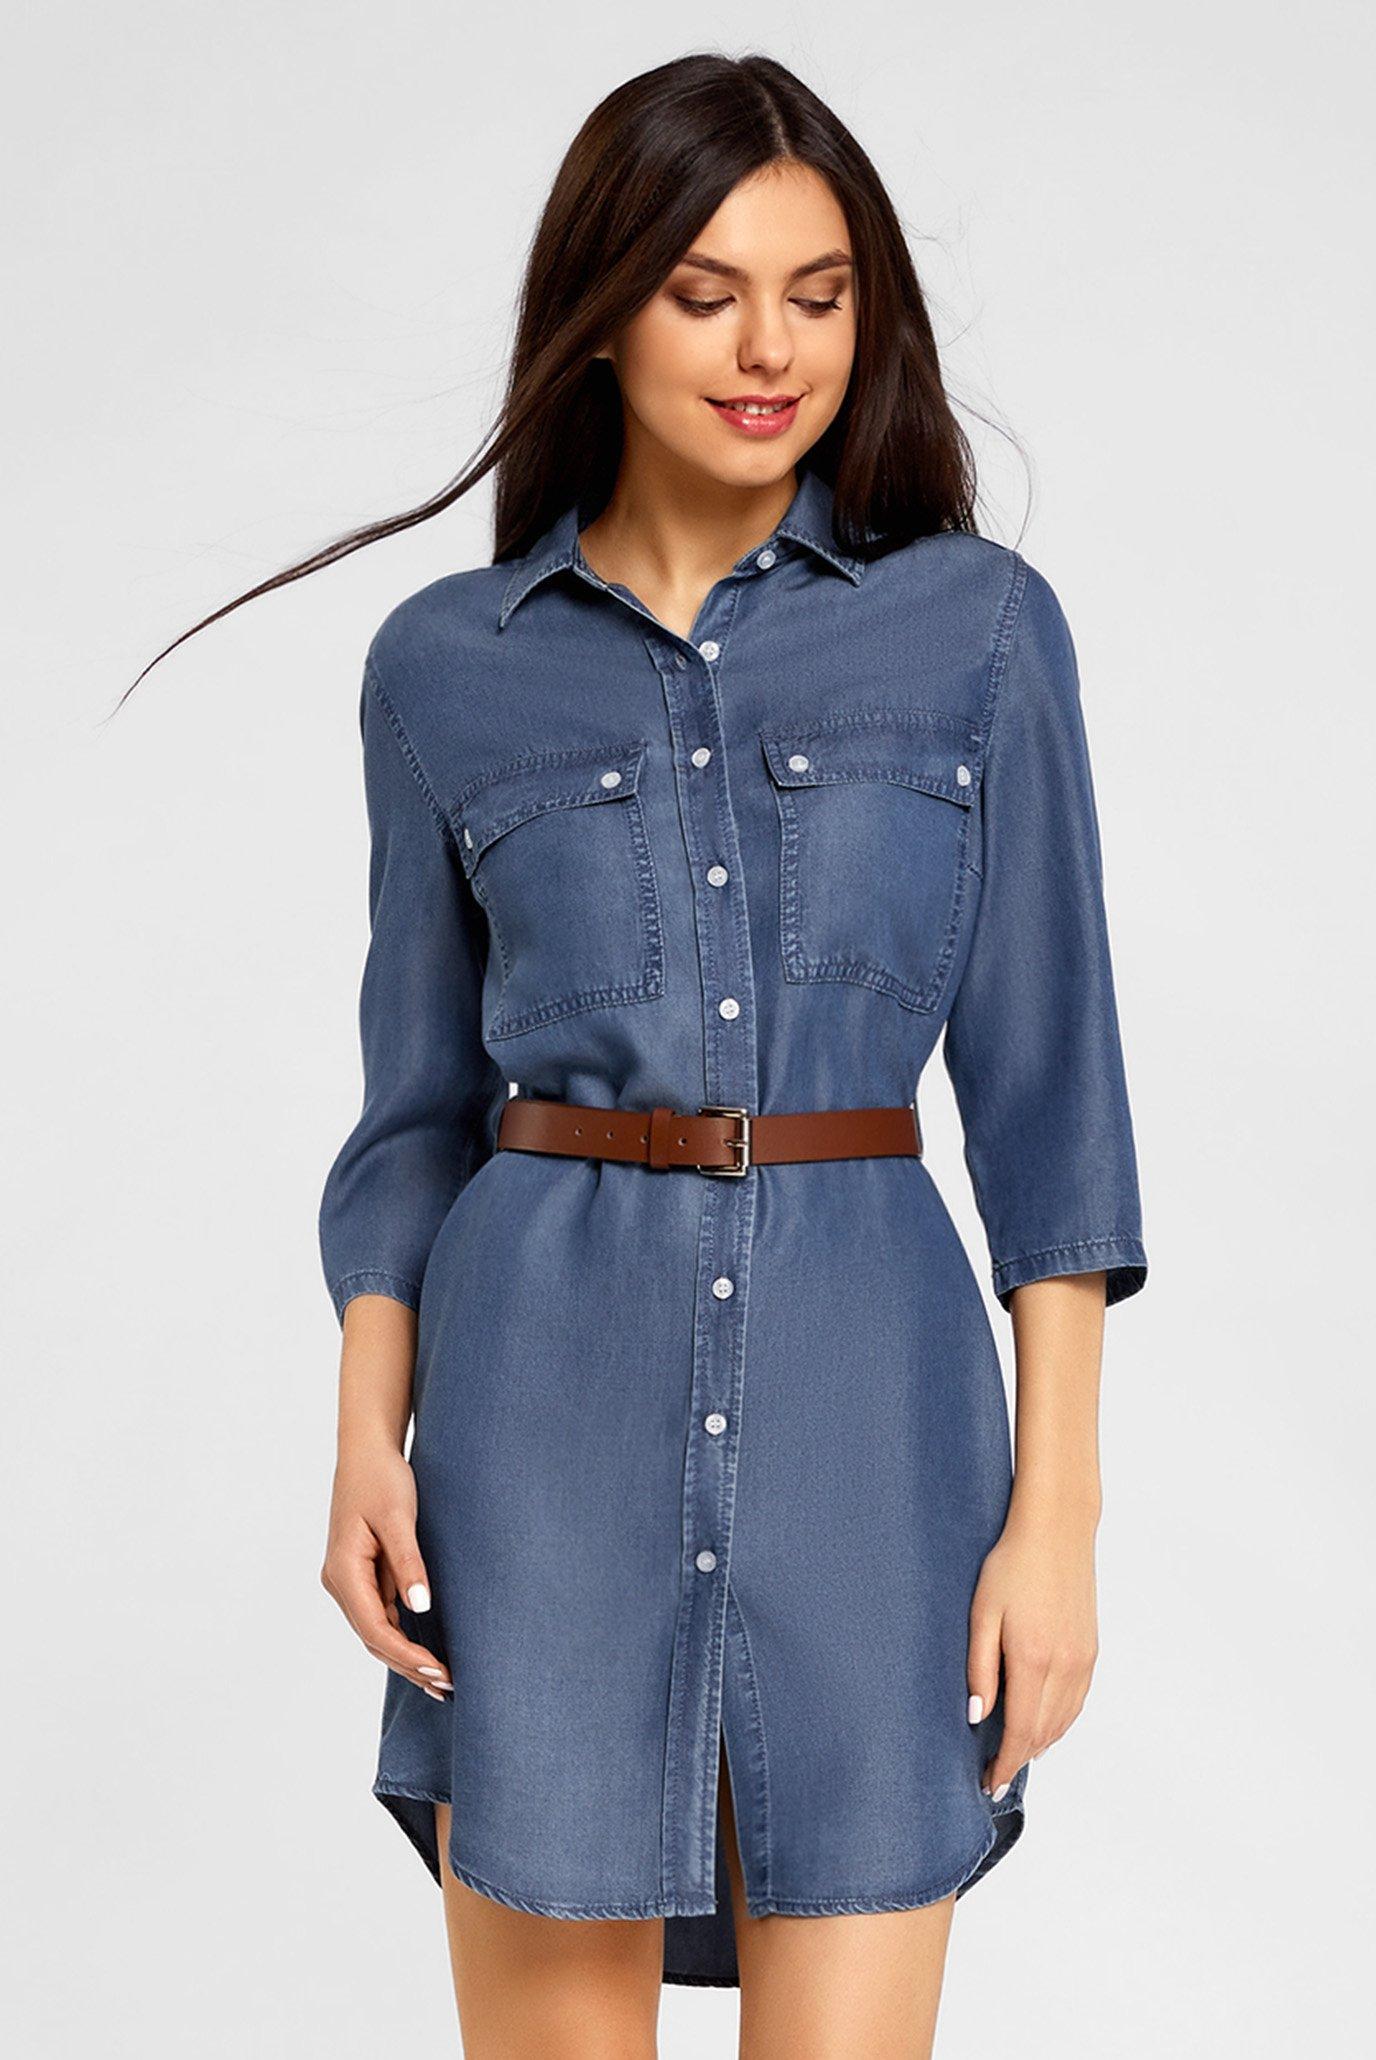 9c7c001bb76 Купить Женское джинсовое платье-рубашка Oodji Oodji 12909052 45490 7500W –  Киев